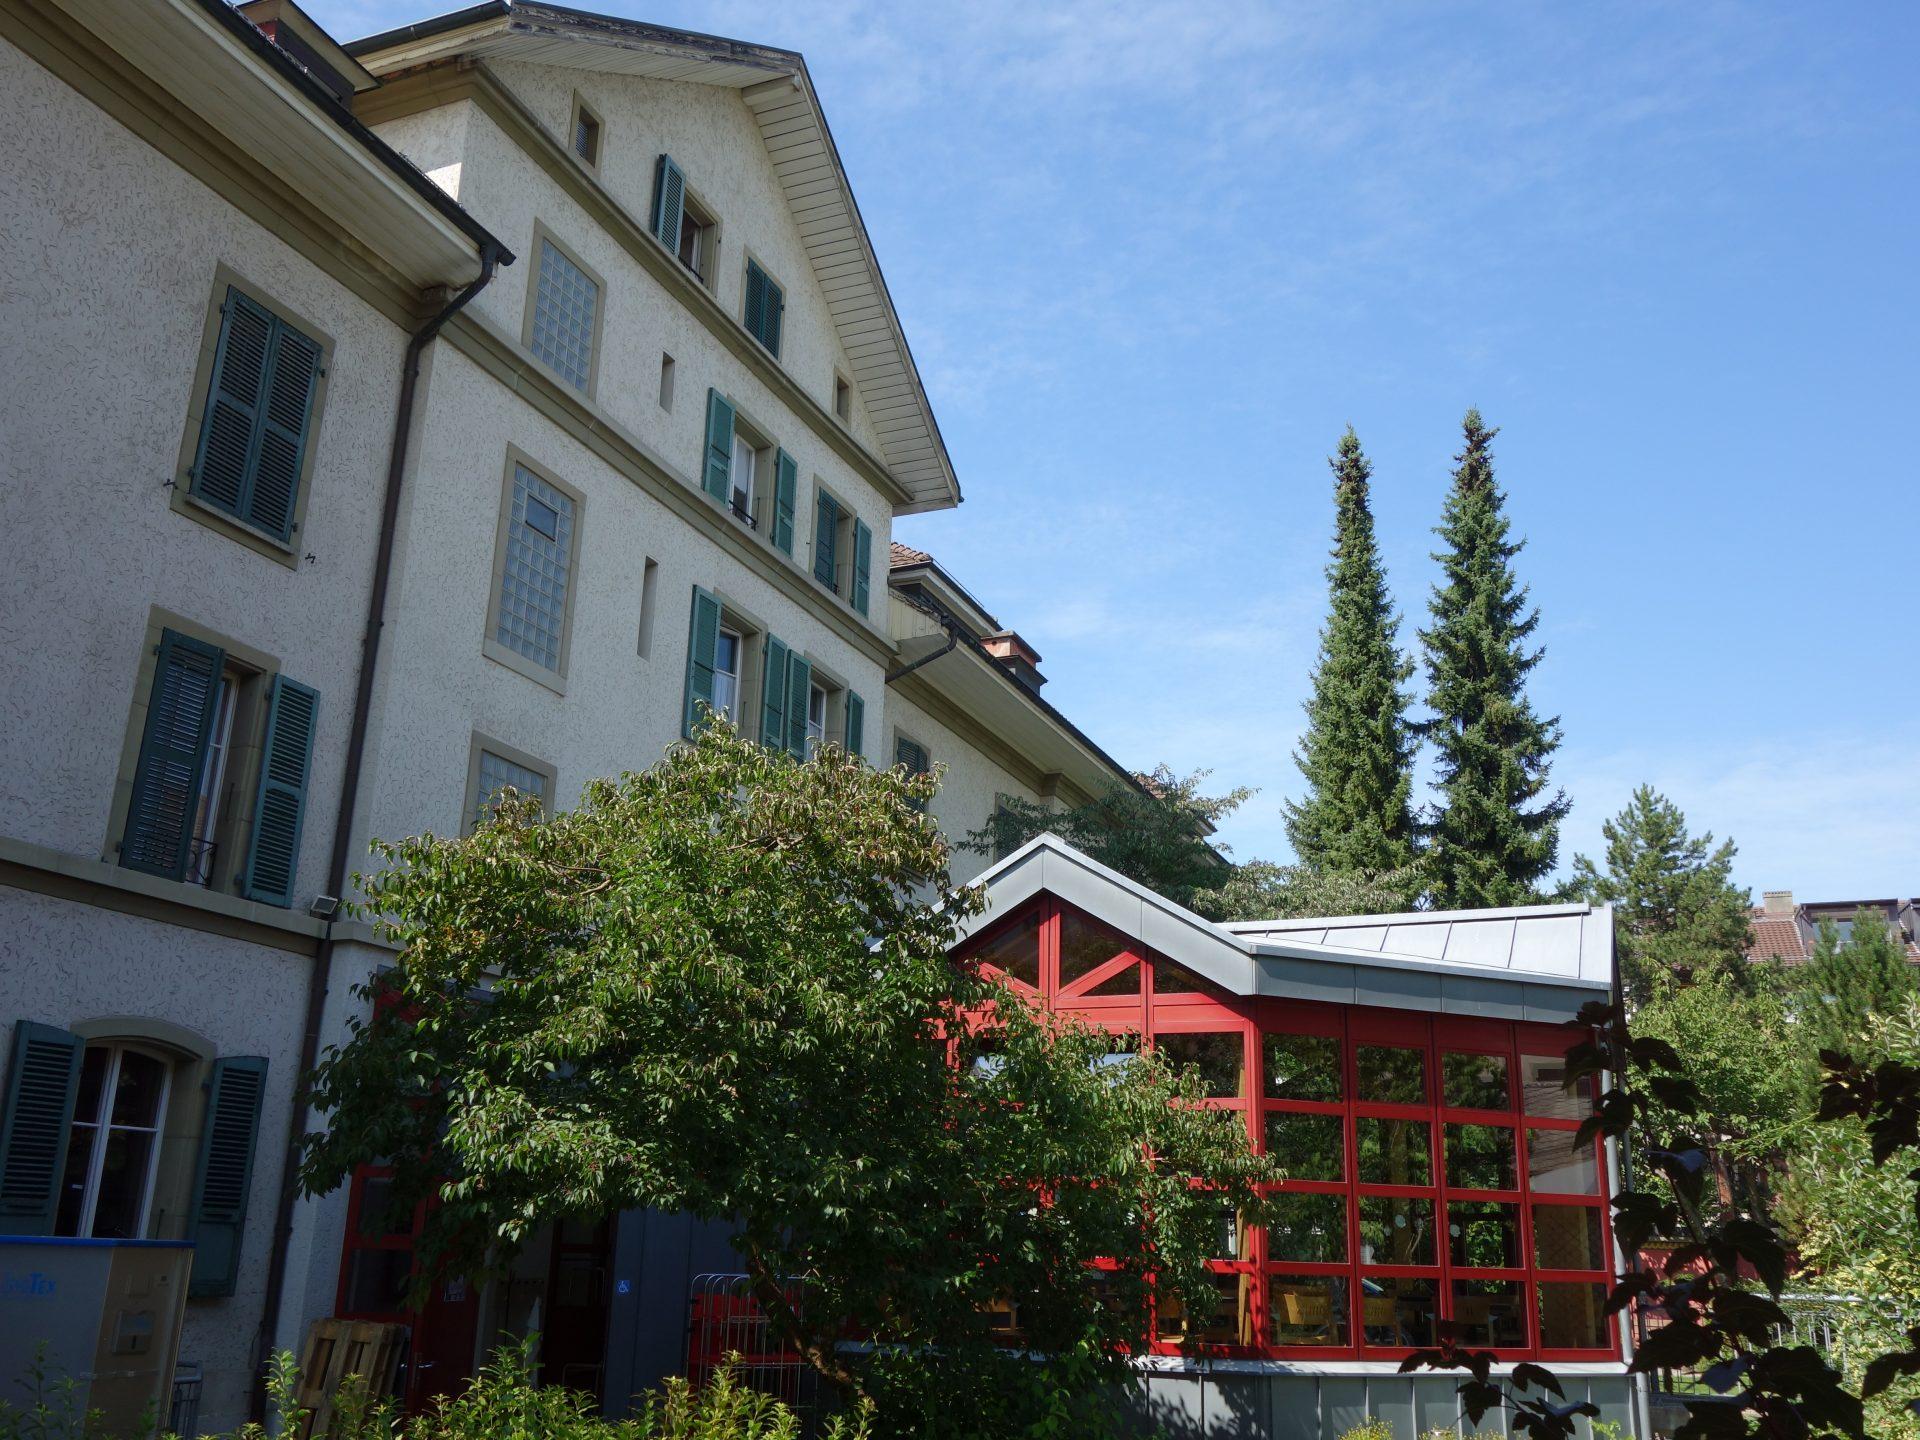 Lorrainehof Gebäude